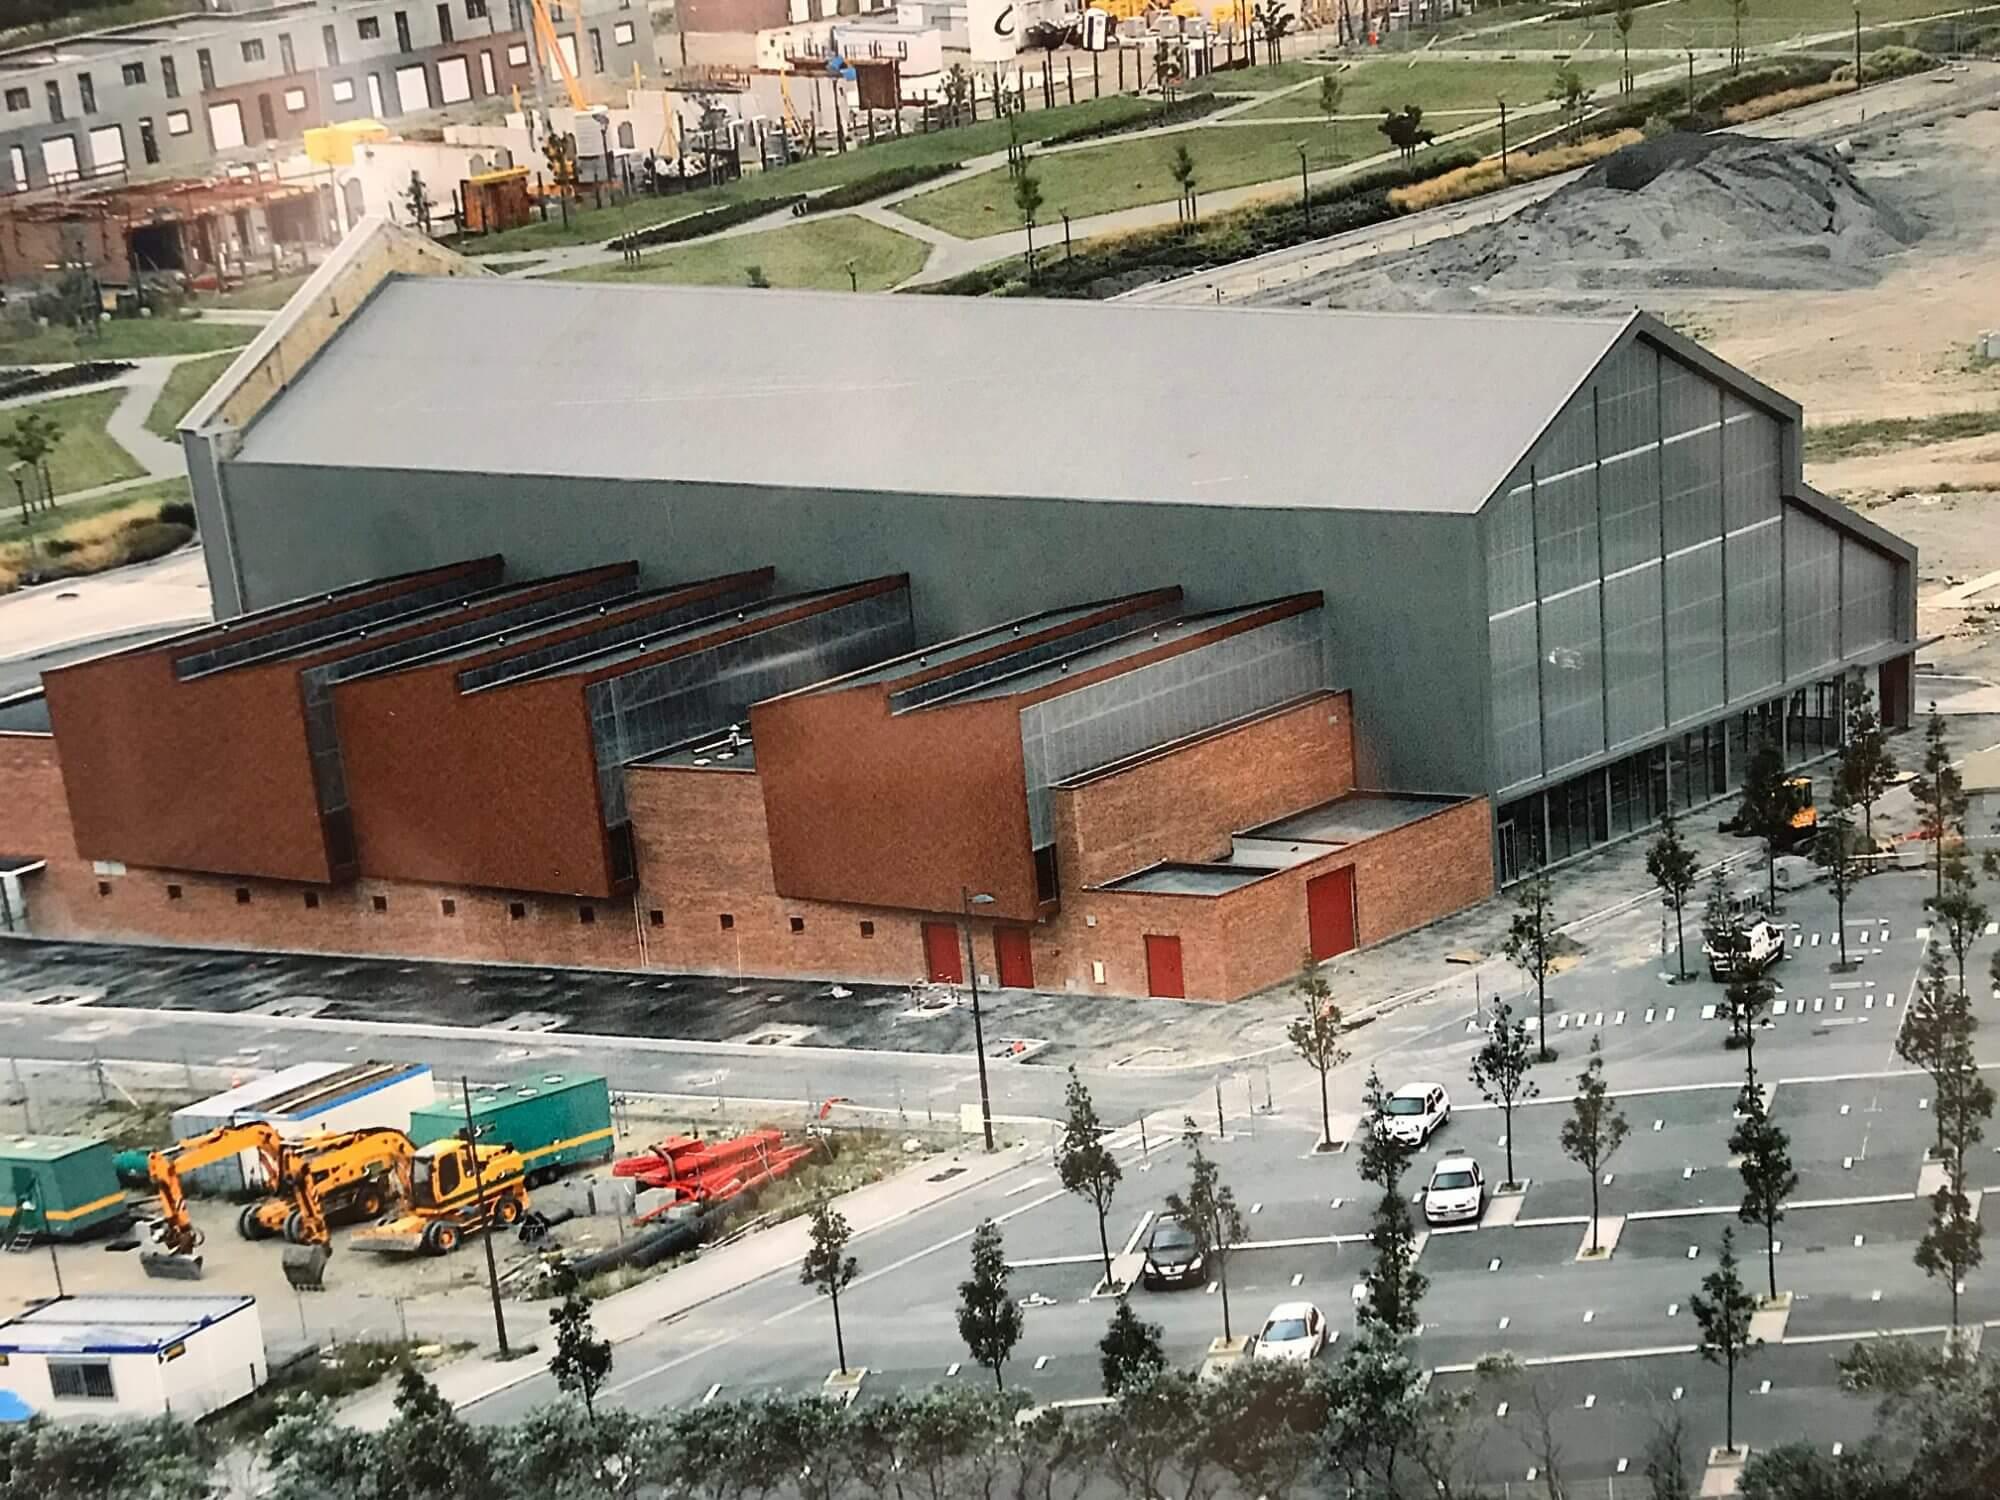 Couverture métallique et industrielle Salle de sport du grand large